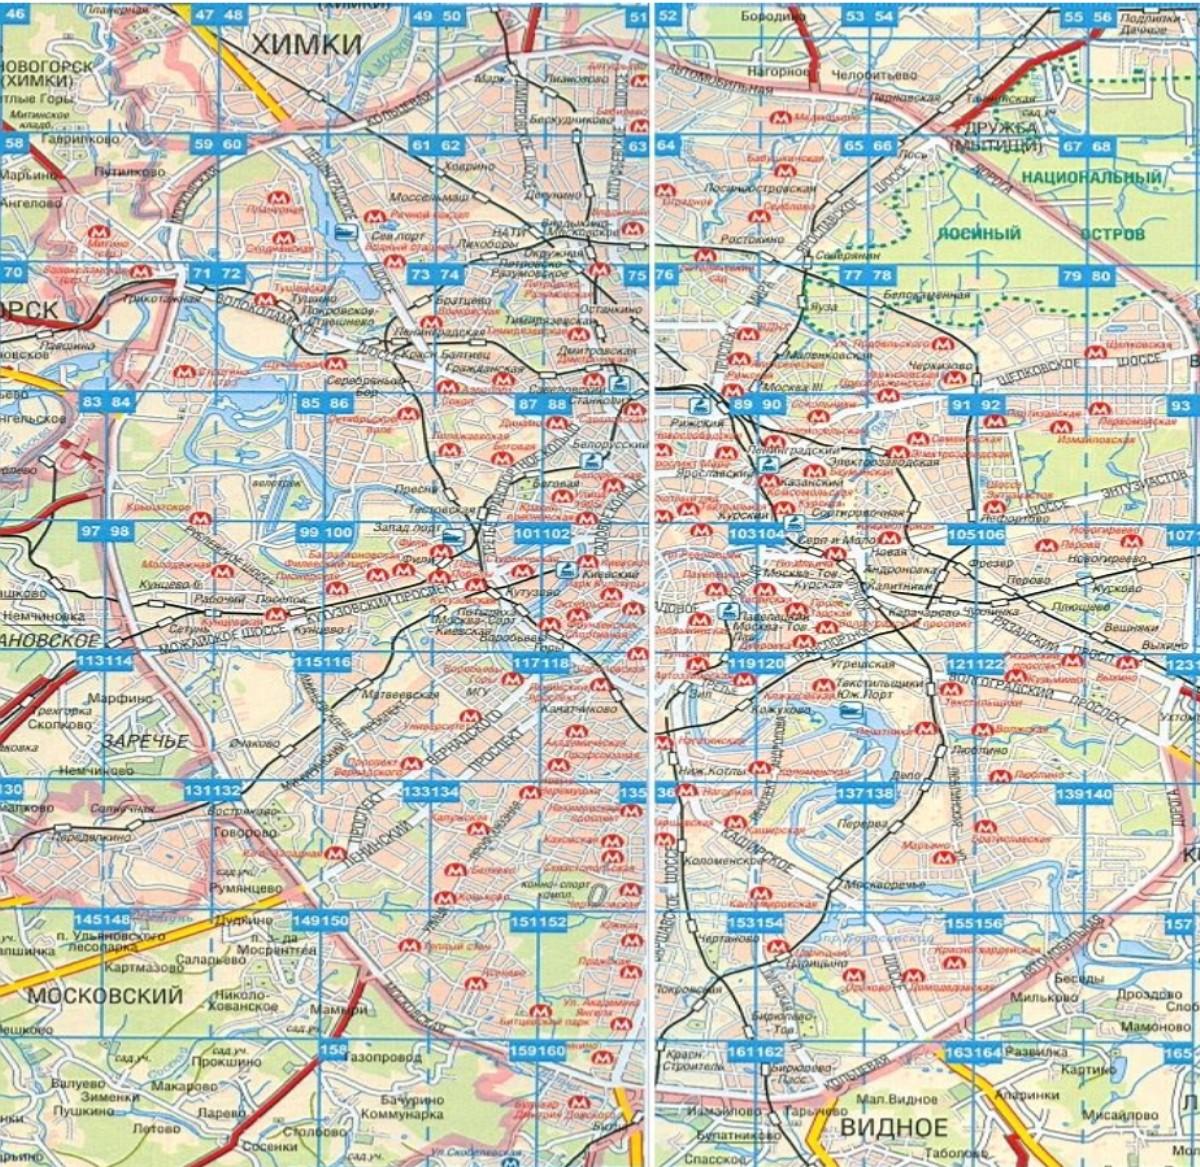 Карта Москвы с названиями улиц. Подробная карта улиц ...: http://rus-map.ru/257859.html